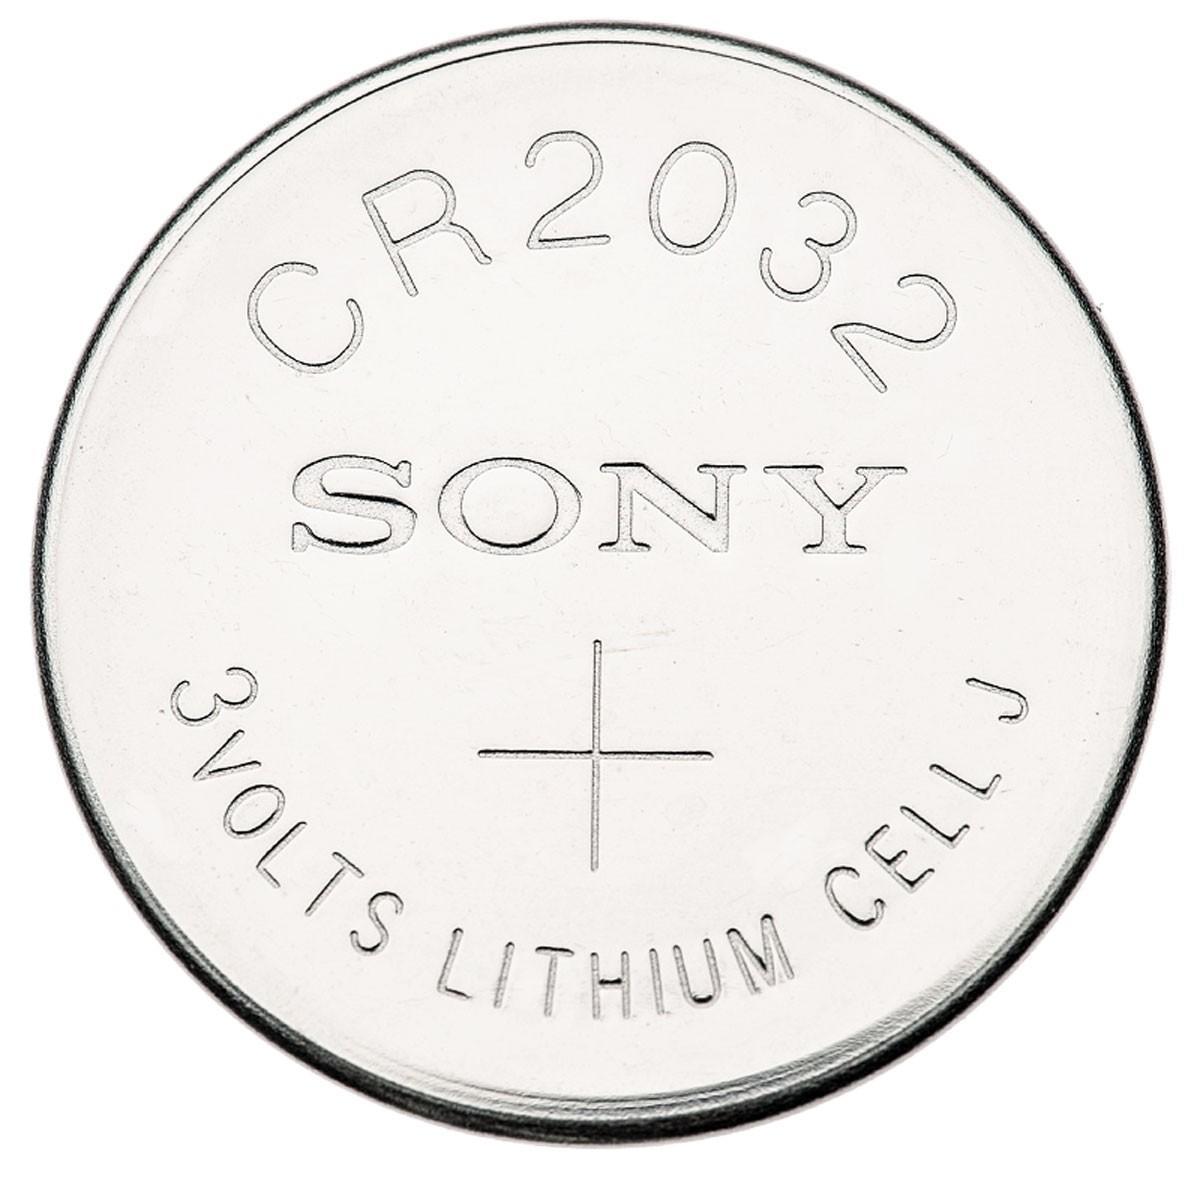 Batteries 1001390954 à prix réduit — achetez maintenant!